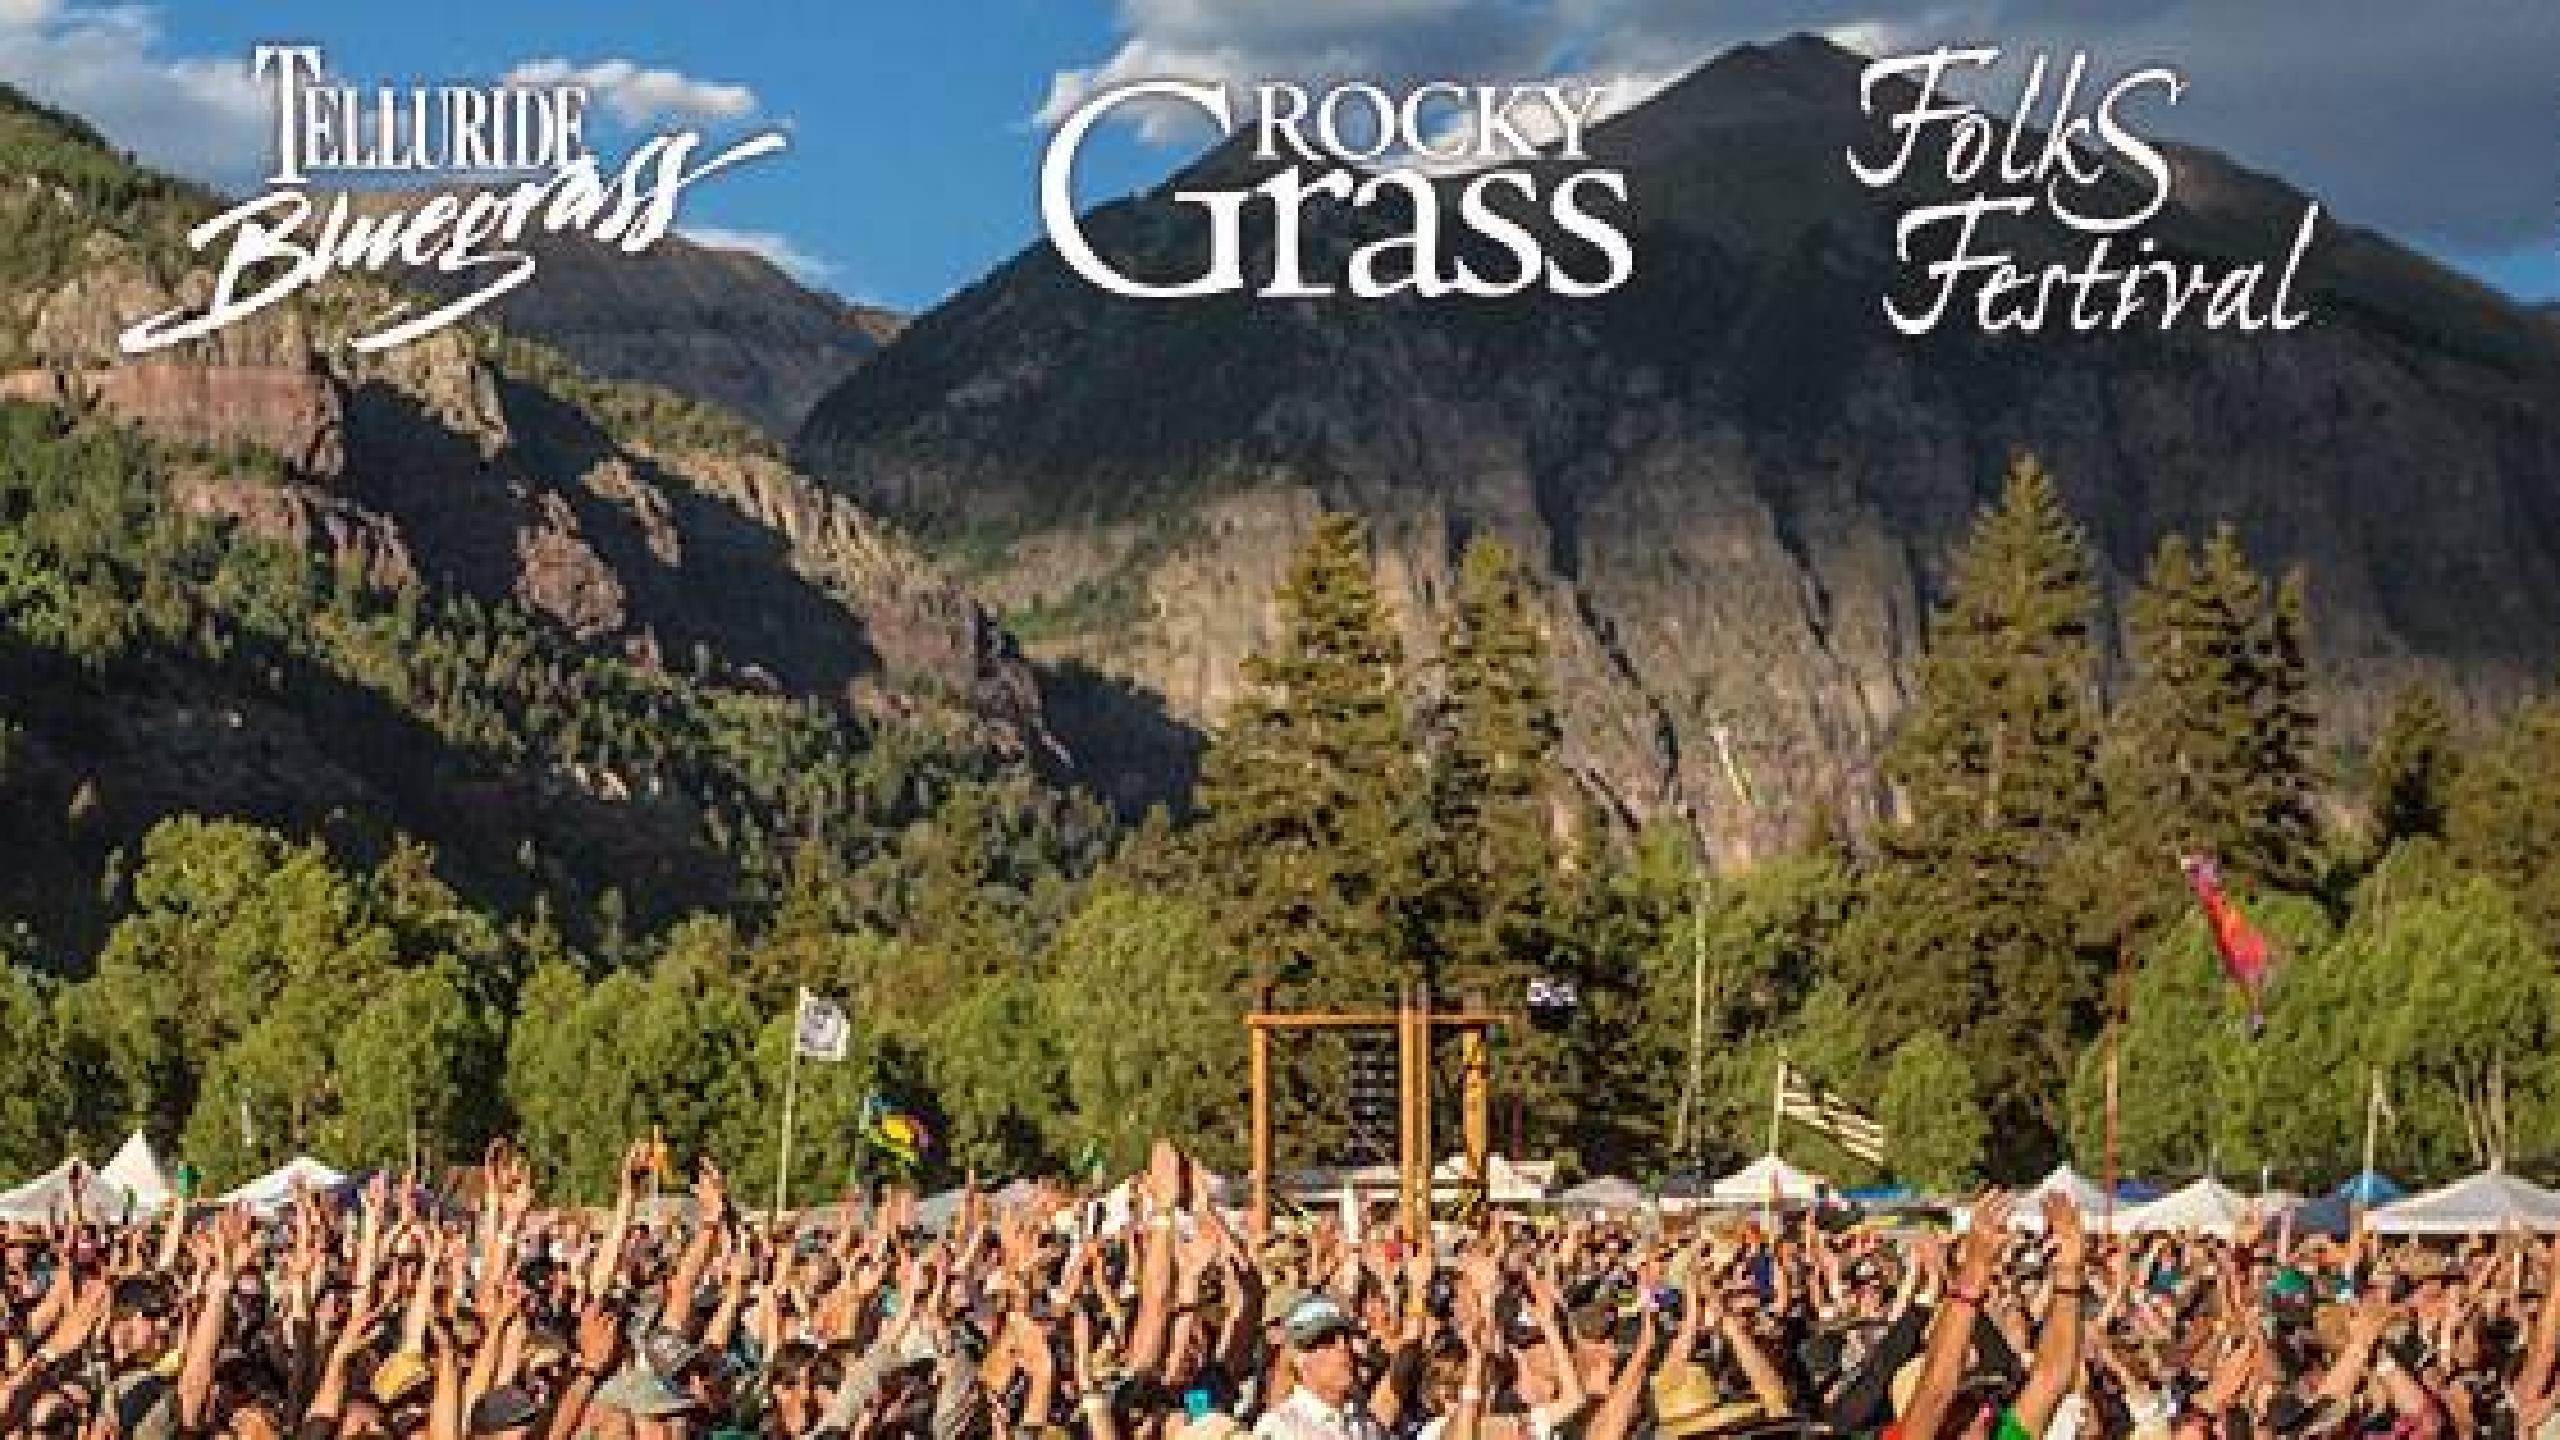 Telluride Bluegrass Festival 2020.Telluride Bluegrass 2019 Tickets Lineup Bands For